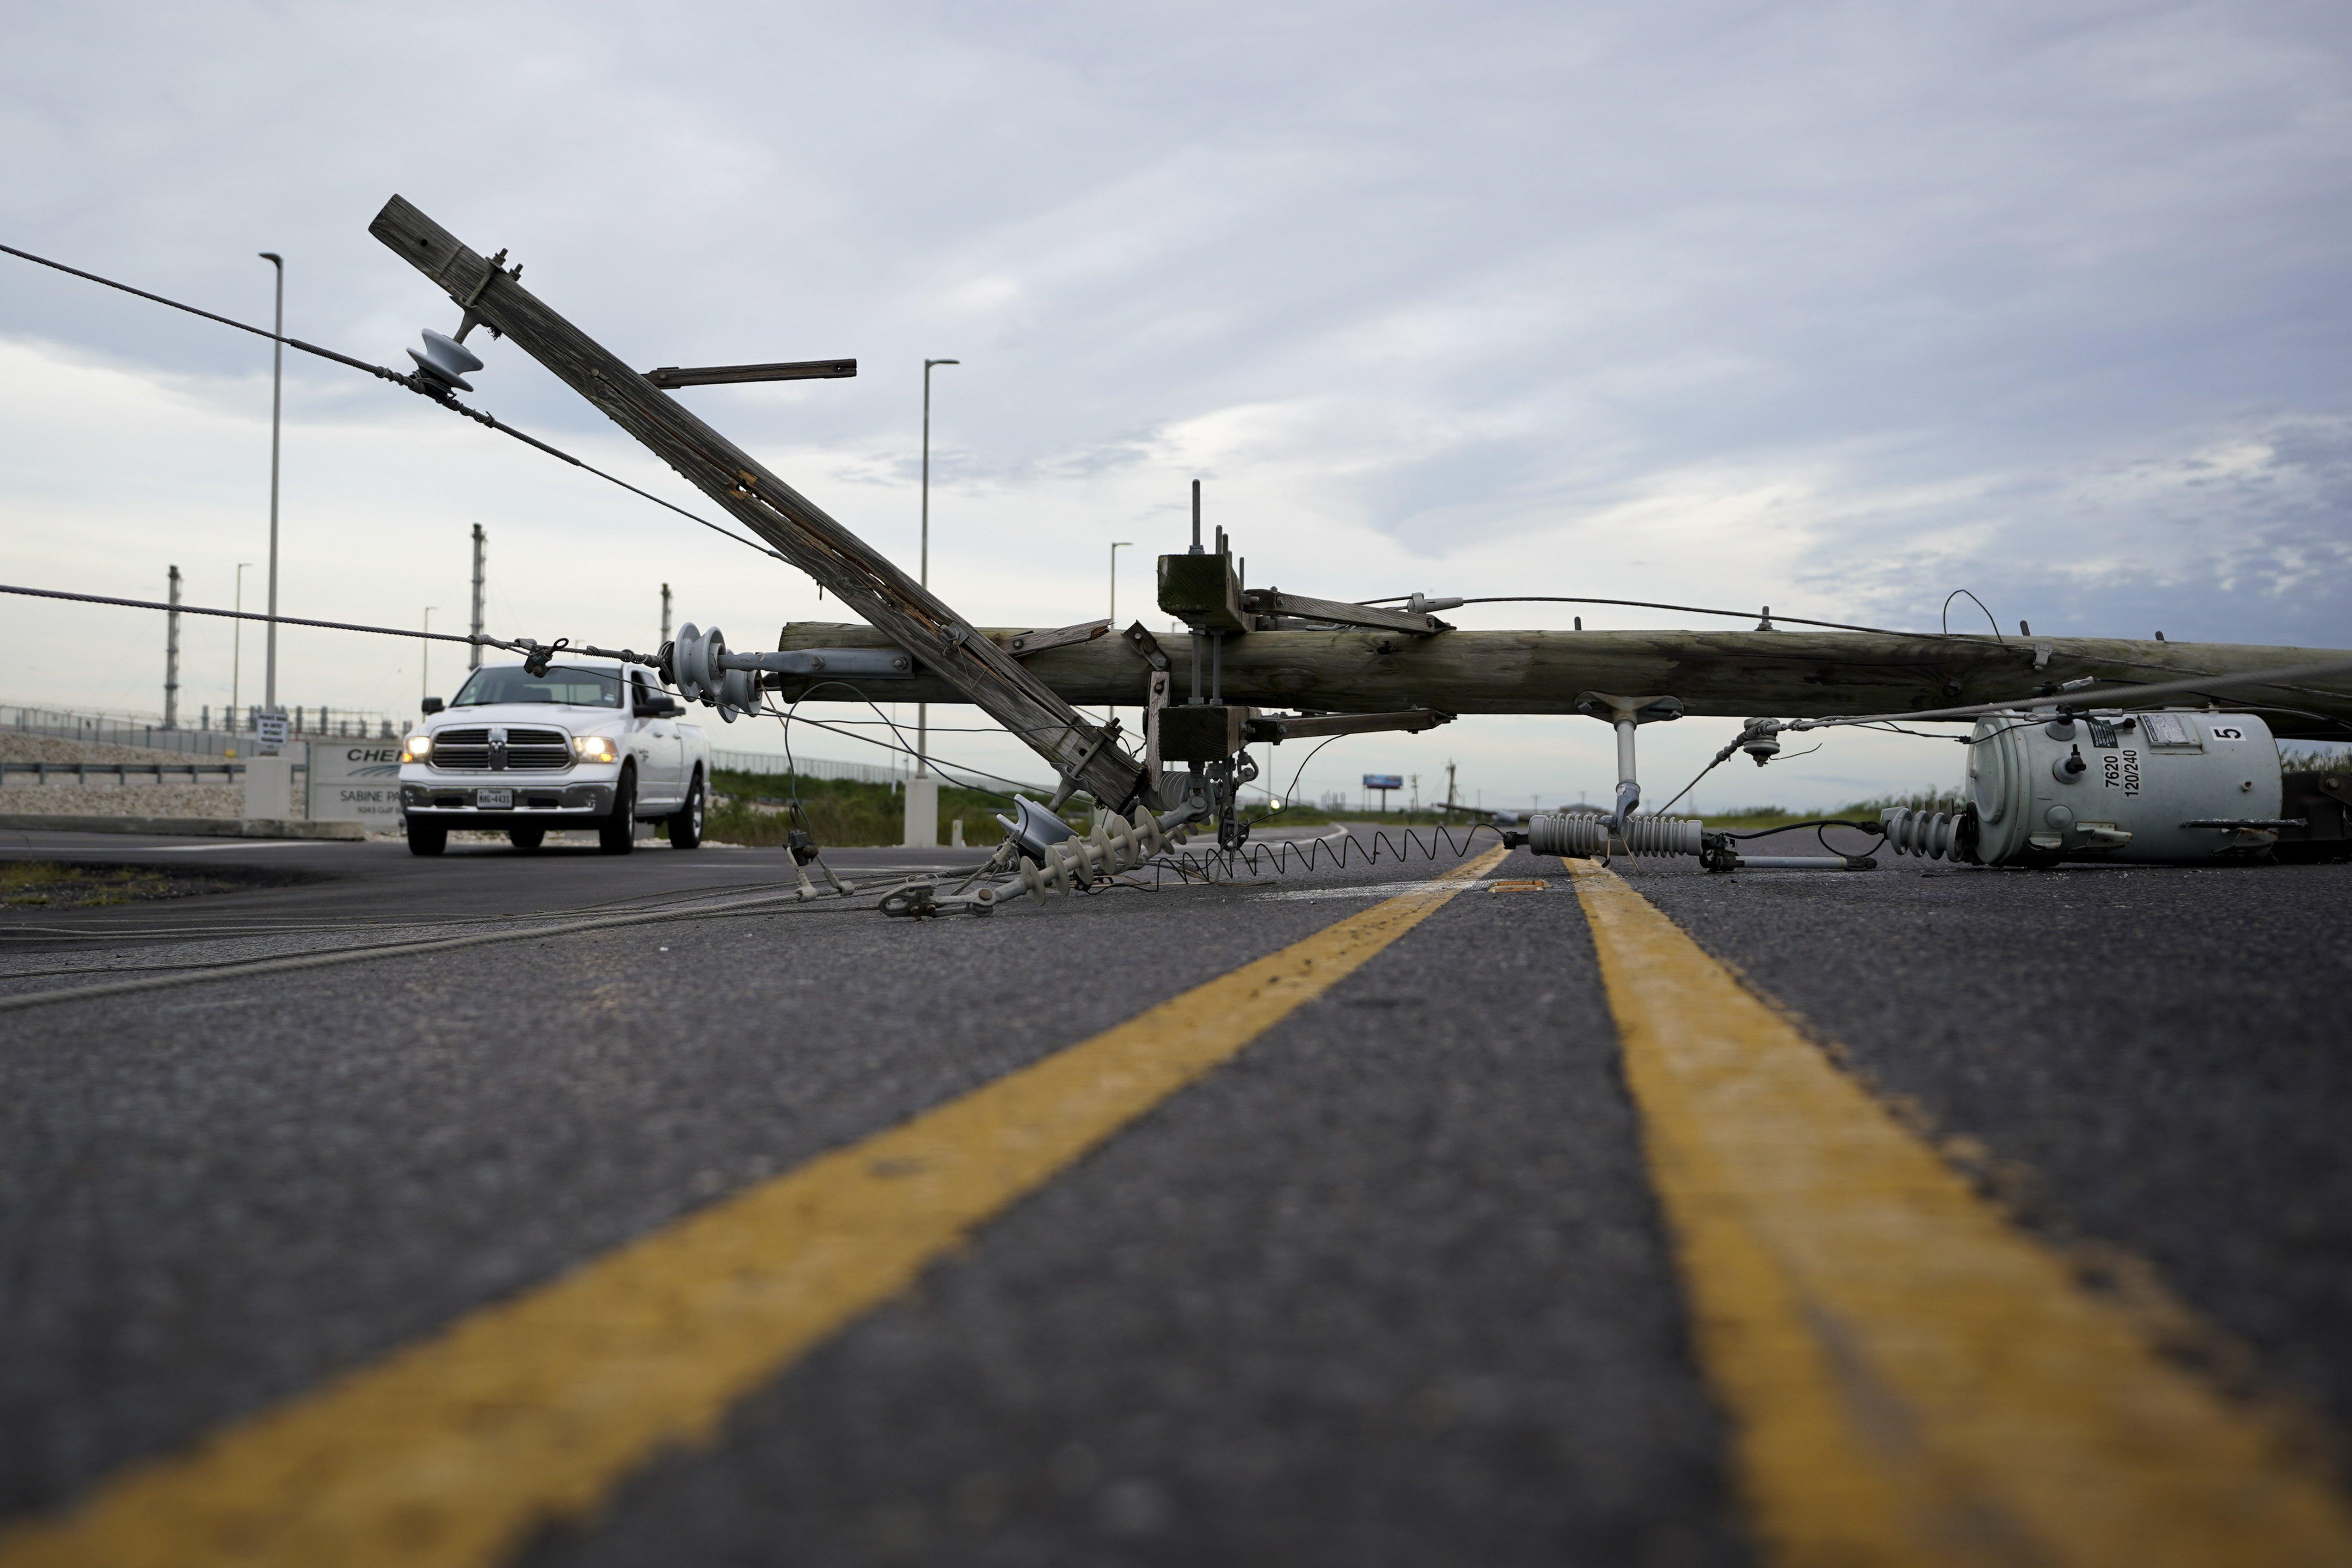 El tendido eléctrico corta una carretera tras el paso del huracán Laura en Sabine Pass, Texas. (Foto AP/Eric Gay)